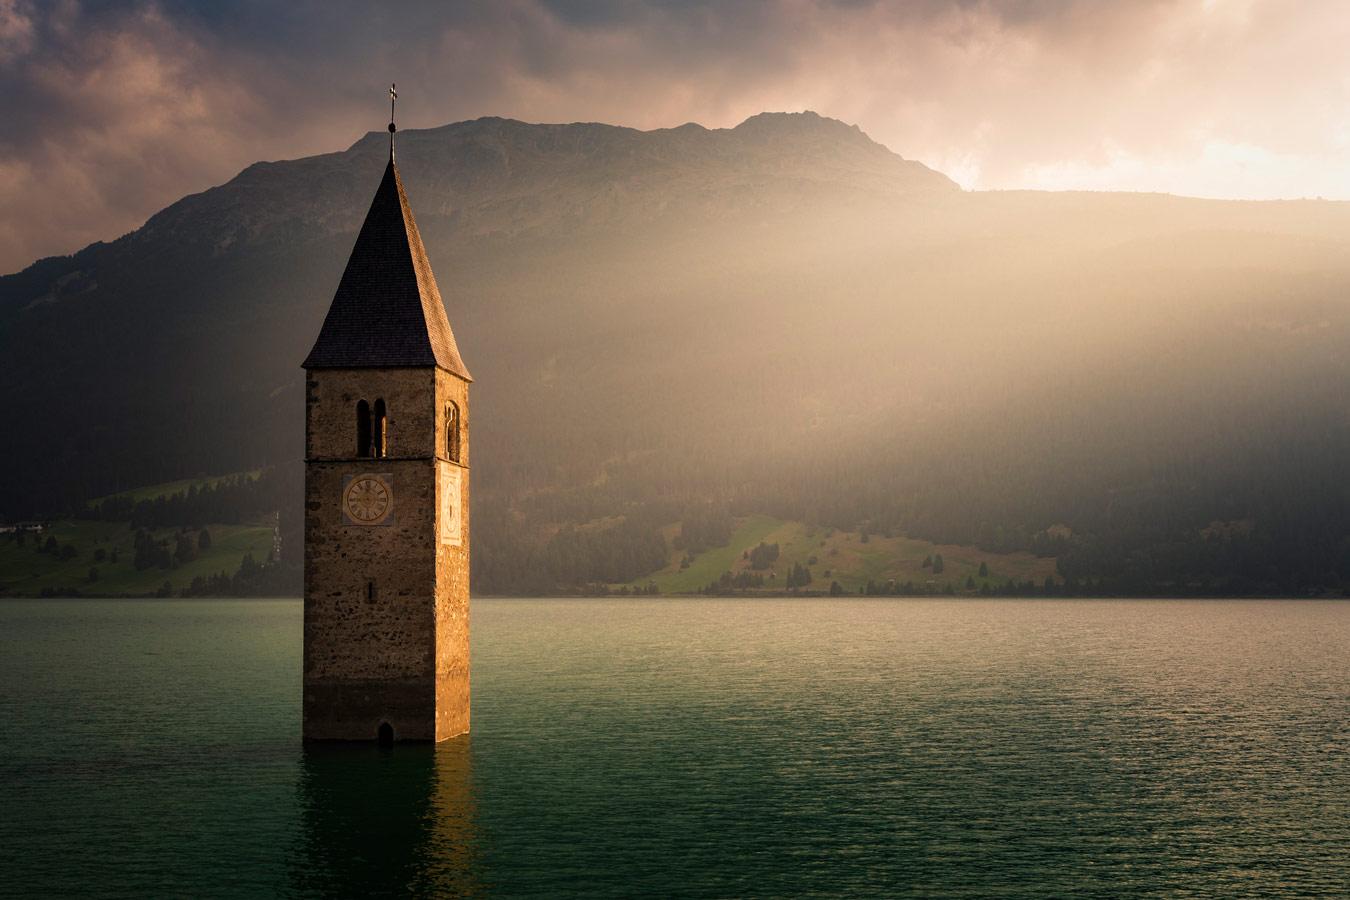 Озеро Решен, © Томас Хофманн, Берлин, Германия, Финалист категории «Пейзажи» : Любитель, Конкурс фотографии «Перспективы» — Perspectives PhotoPlus Expo